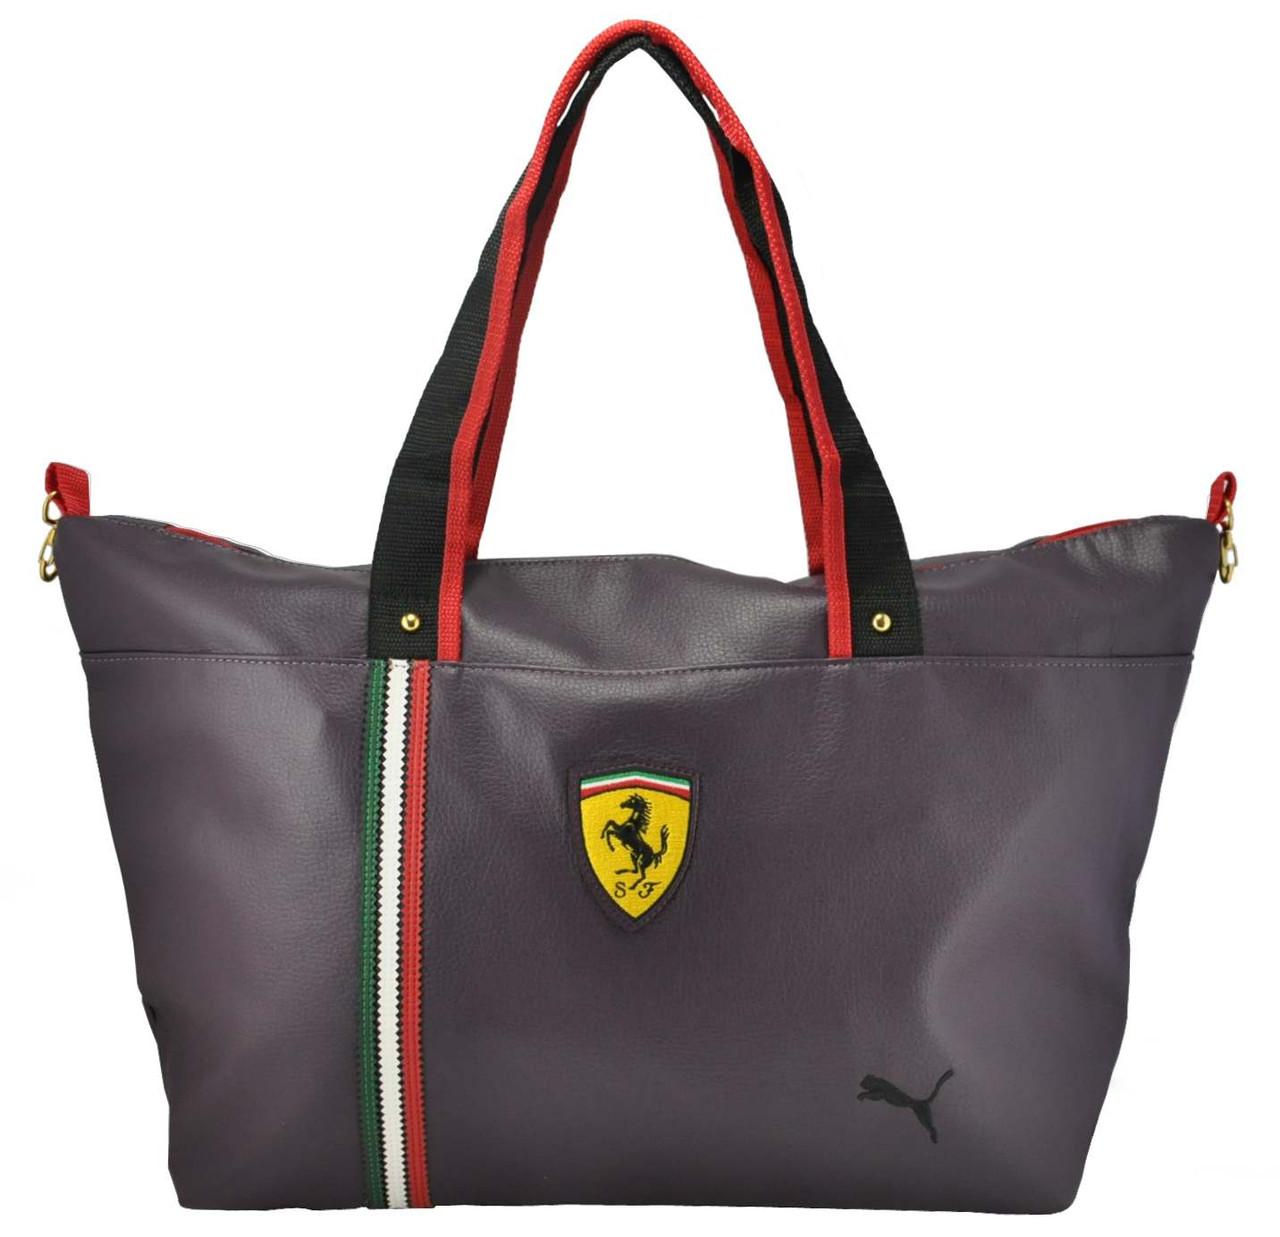 40d62bb10f17 Стильная спортивная сумка Puma Ferrari фиолетовая реплика - Интернет магазин